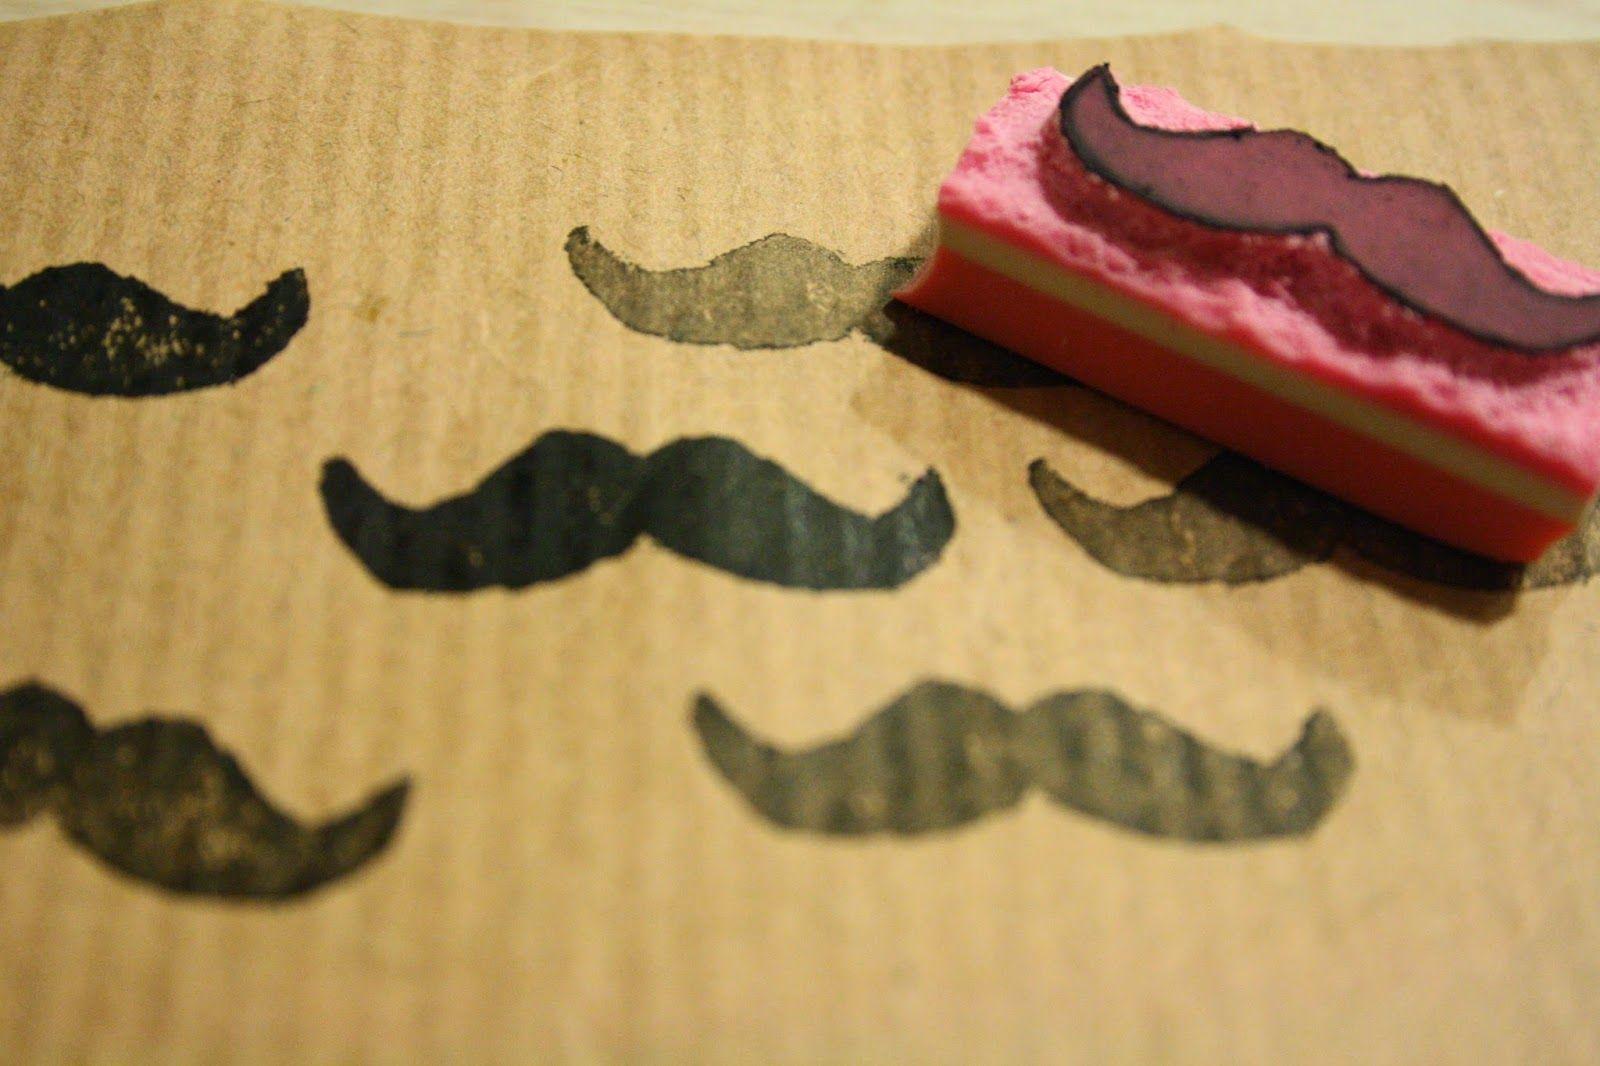 Tuntematon Tuunaaja: DIY viiksileimasin pyyhekumista // DIY mustache stamp made from eraser